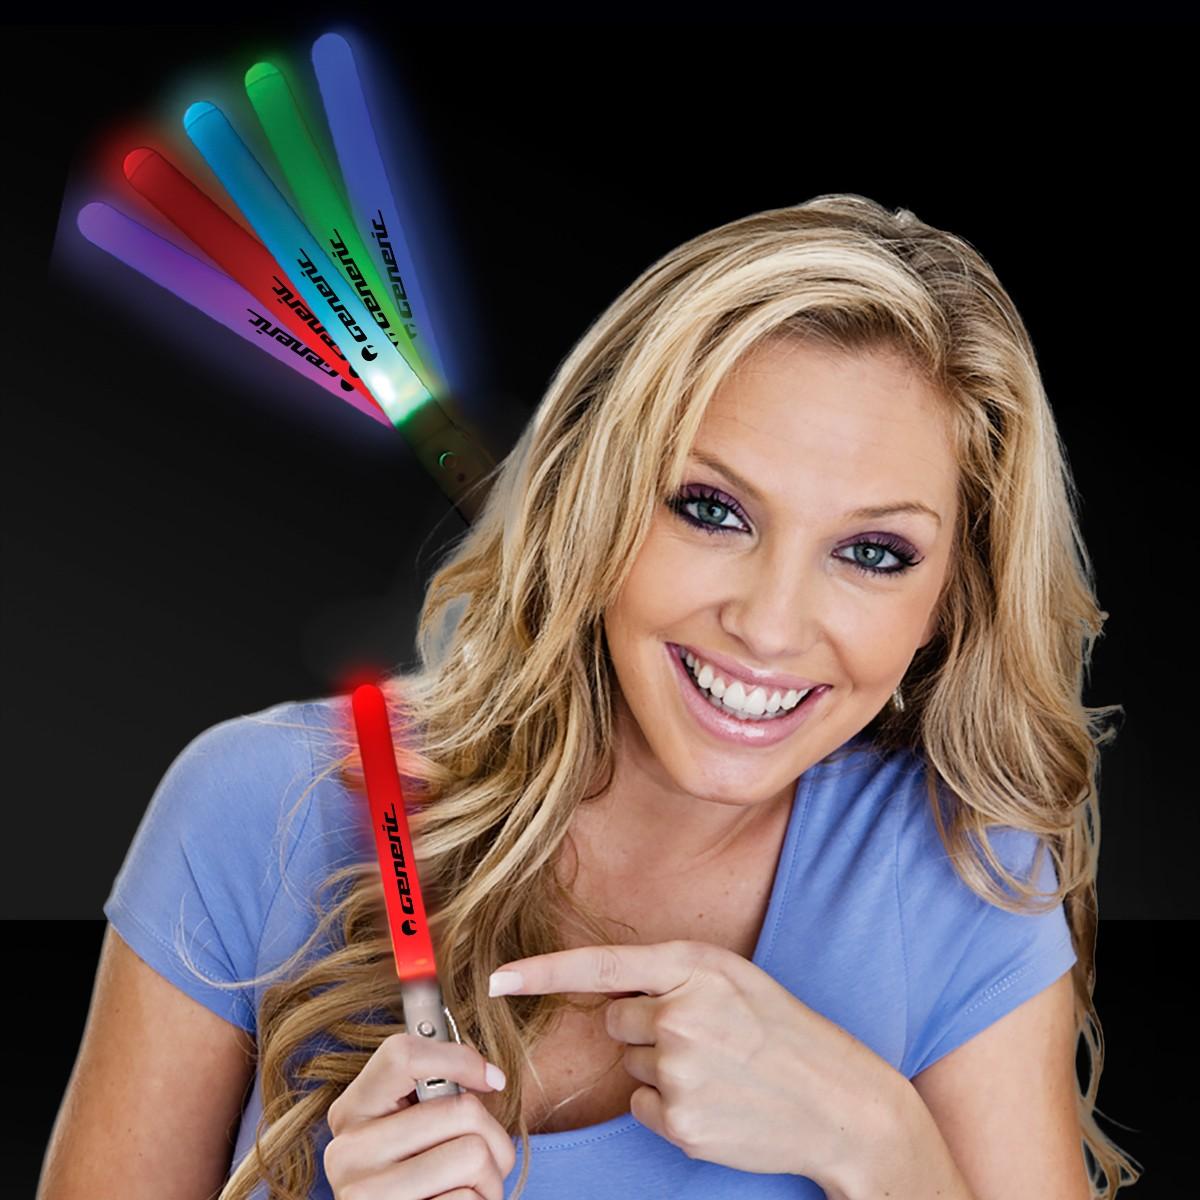 Light Up Rainbow Light Stick - 7 1/2 Inch